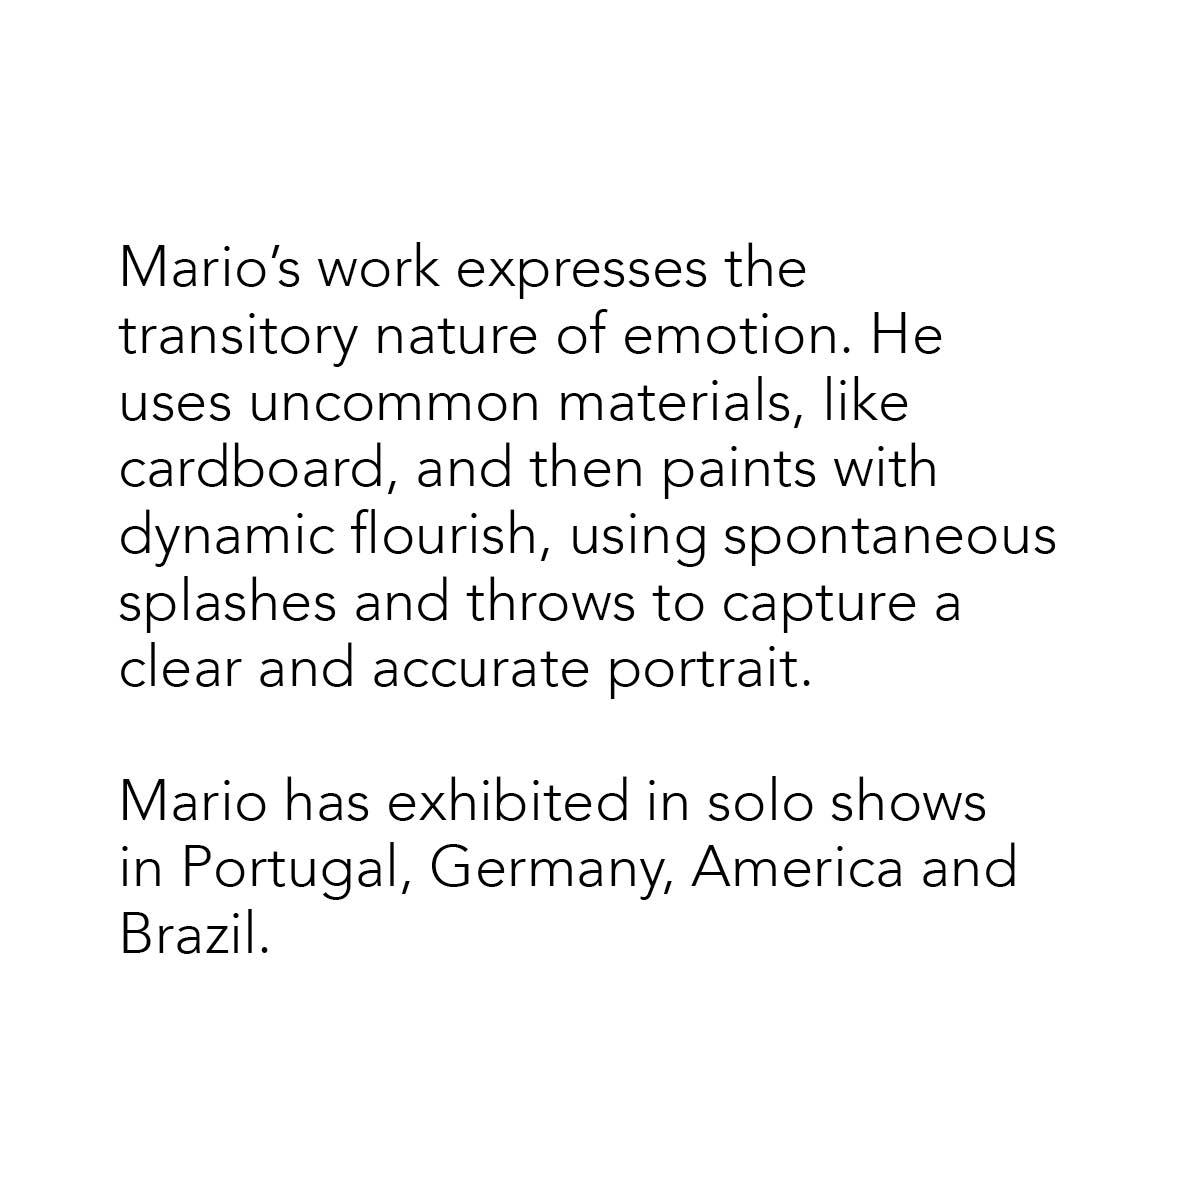 16_ArtistText_Mario